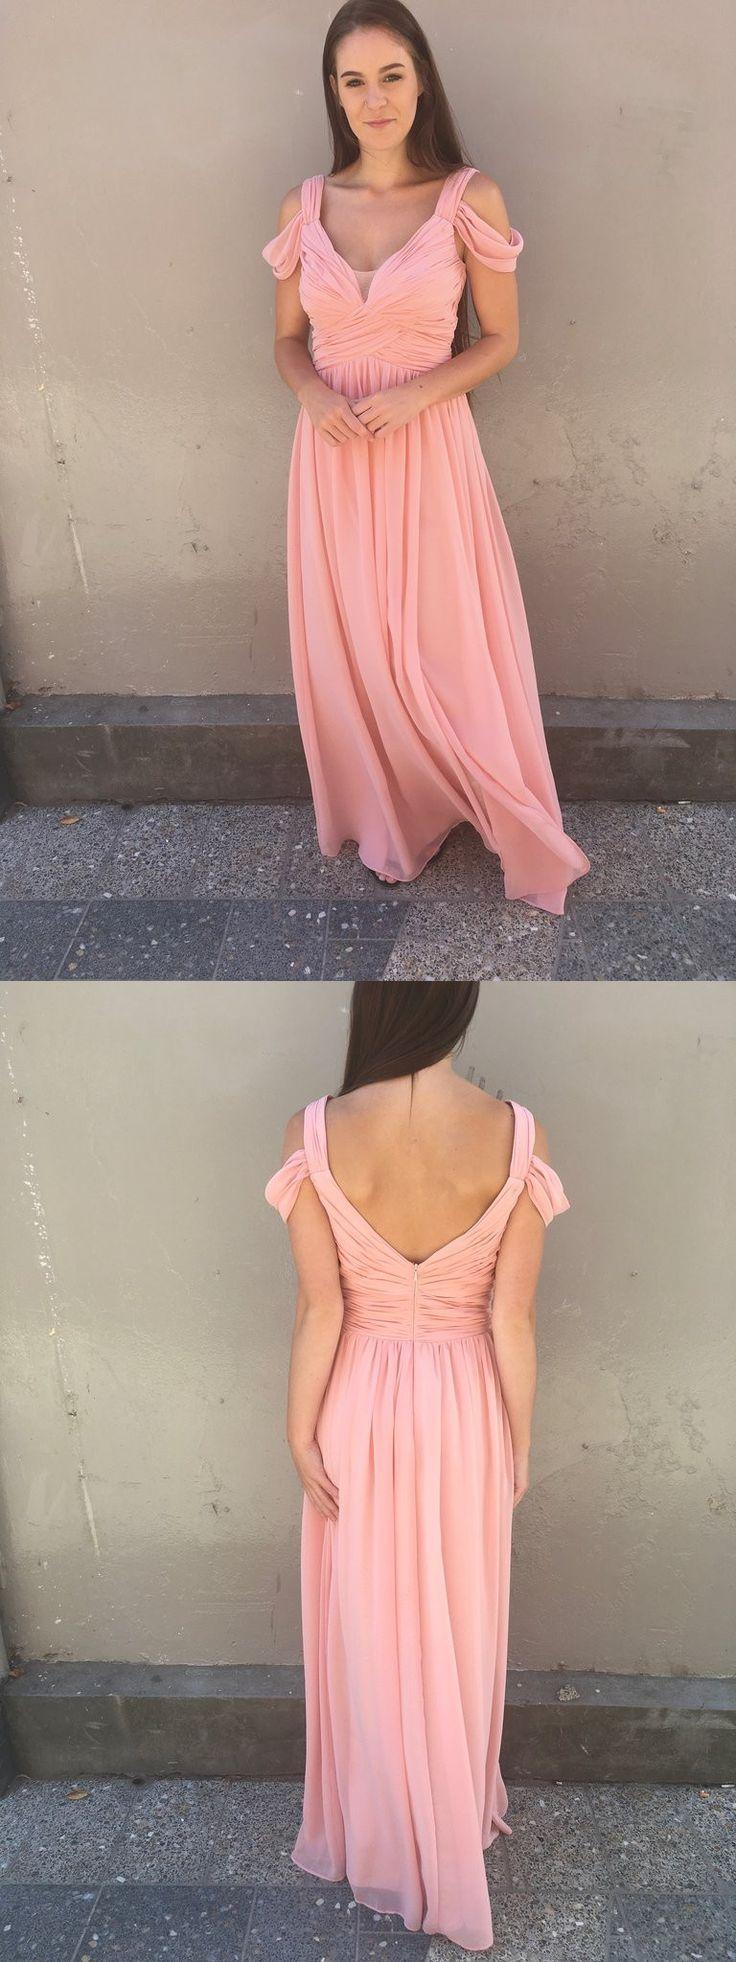 Mejores 1152 imágenes de 2018 Latest prom dresses en Pinterest ...